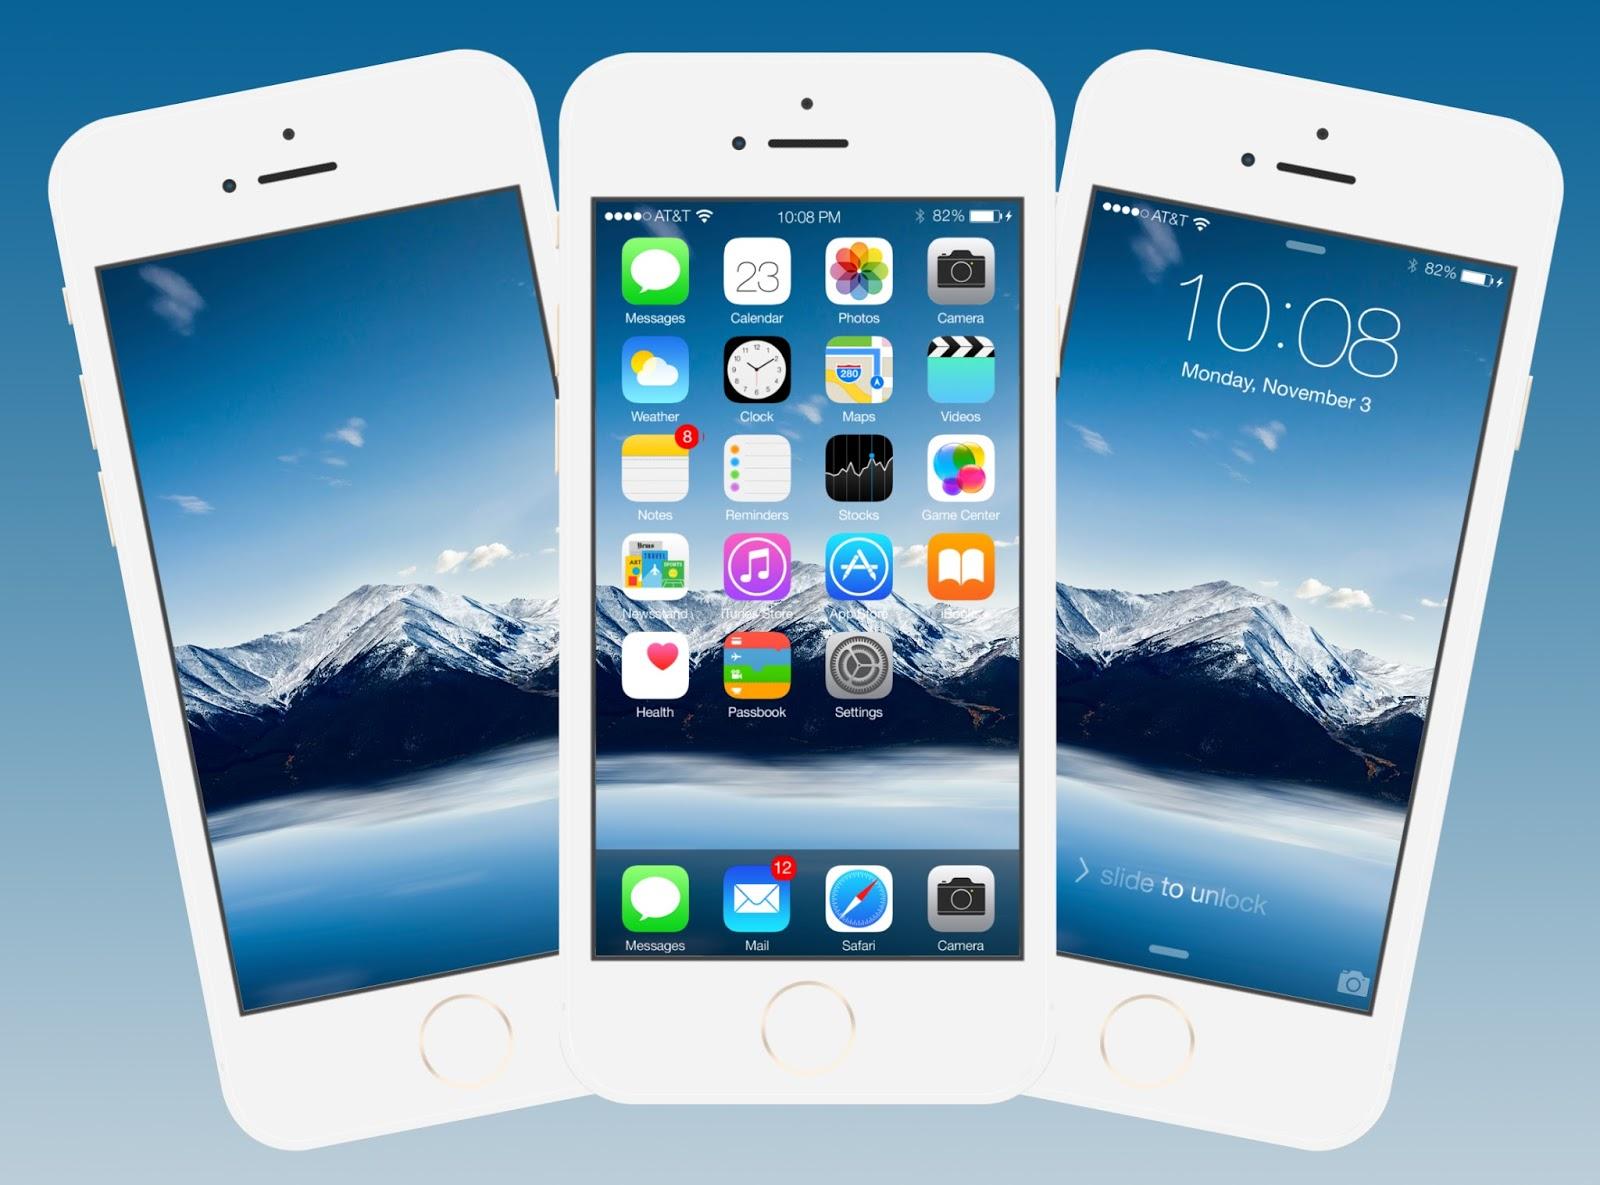 Wonderful Wallpaper Mountain Iphone Se - Blue%2BMountains%2BWallpaper%2BiPhone  Image_58713.jpg